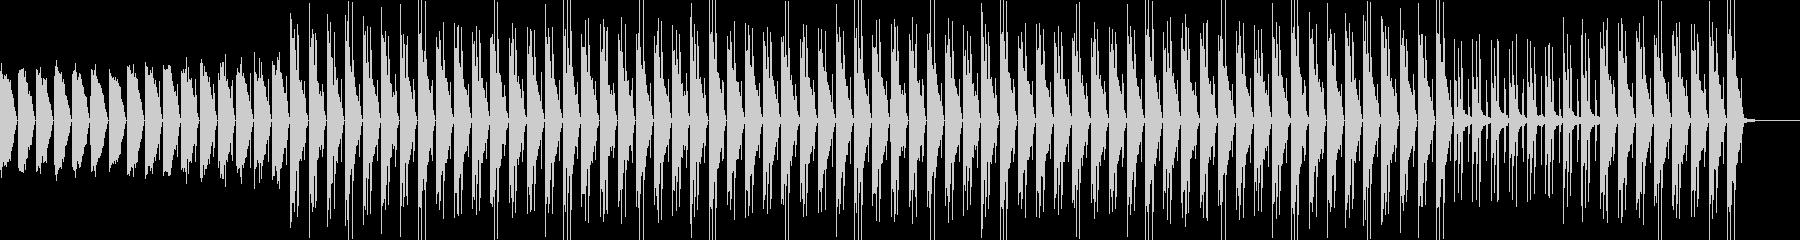 ミディアムテンポの80年代型シティポップの未再生の波形